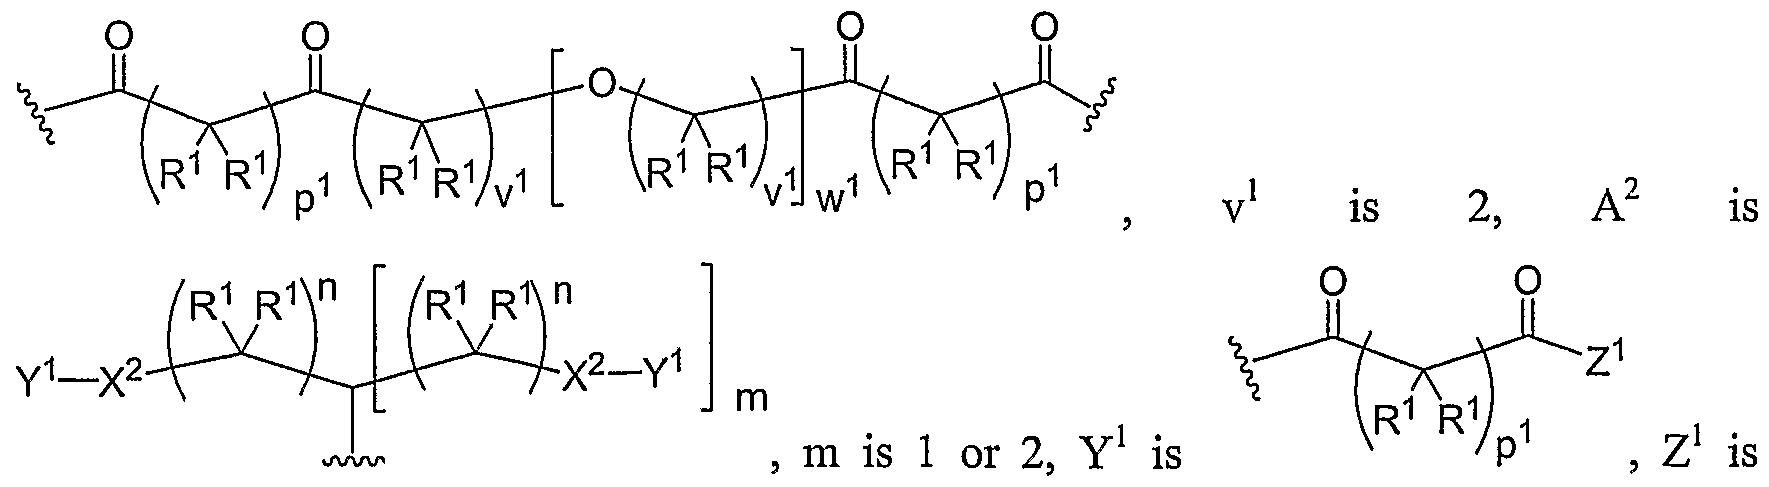 Figure imgf000324_0003